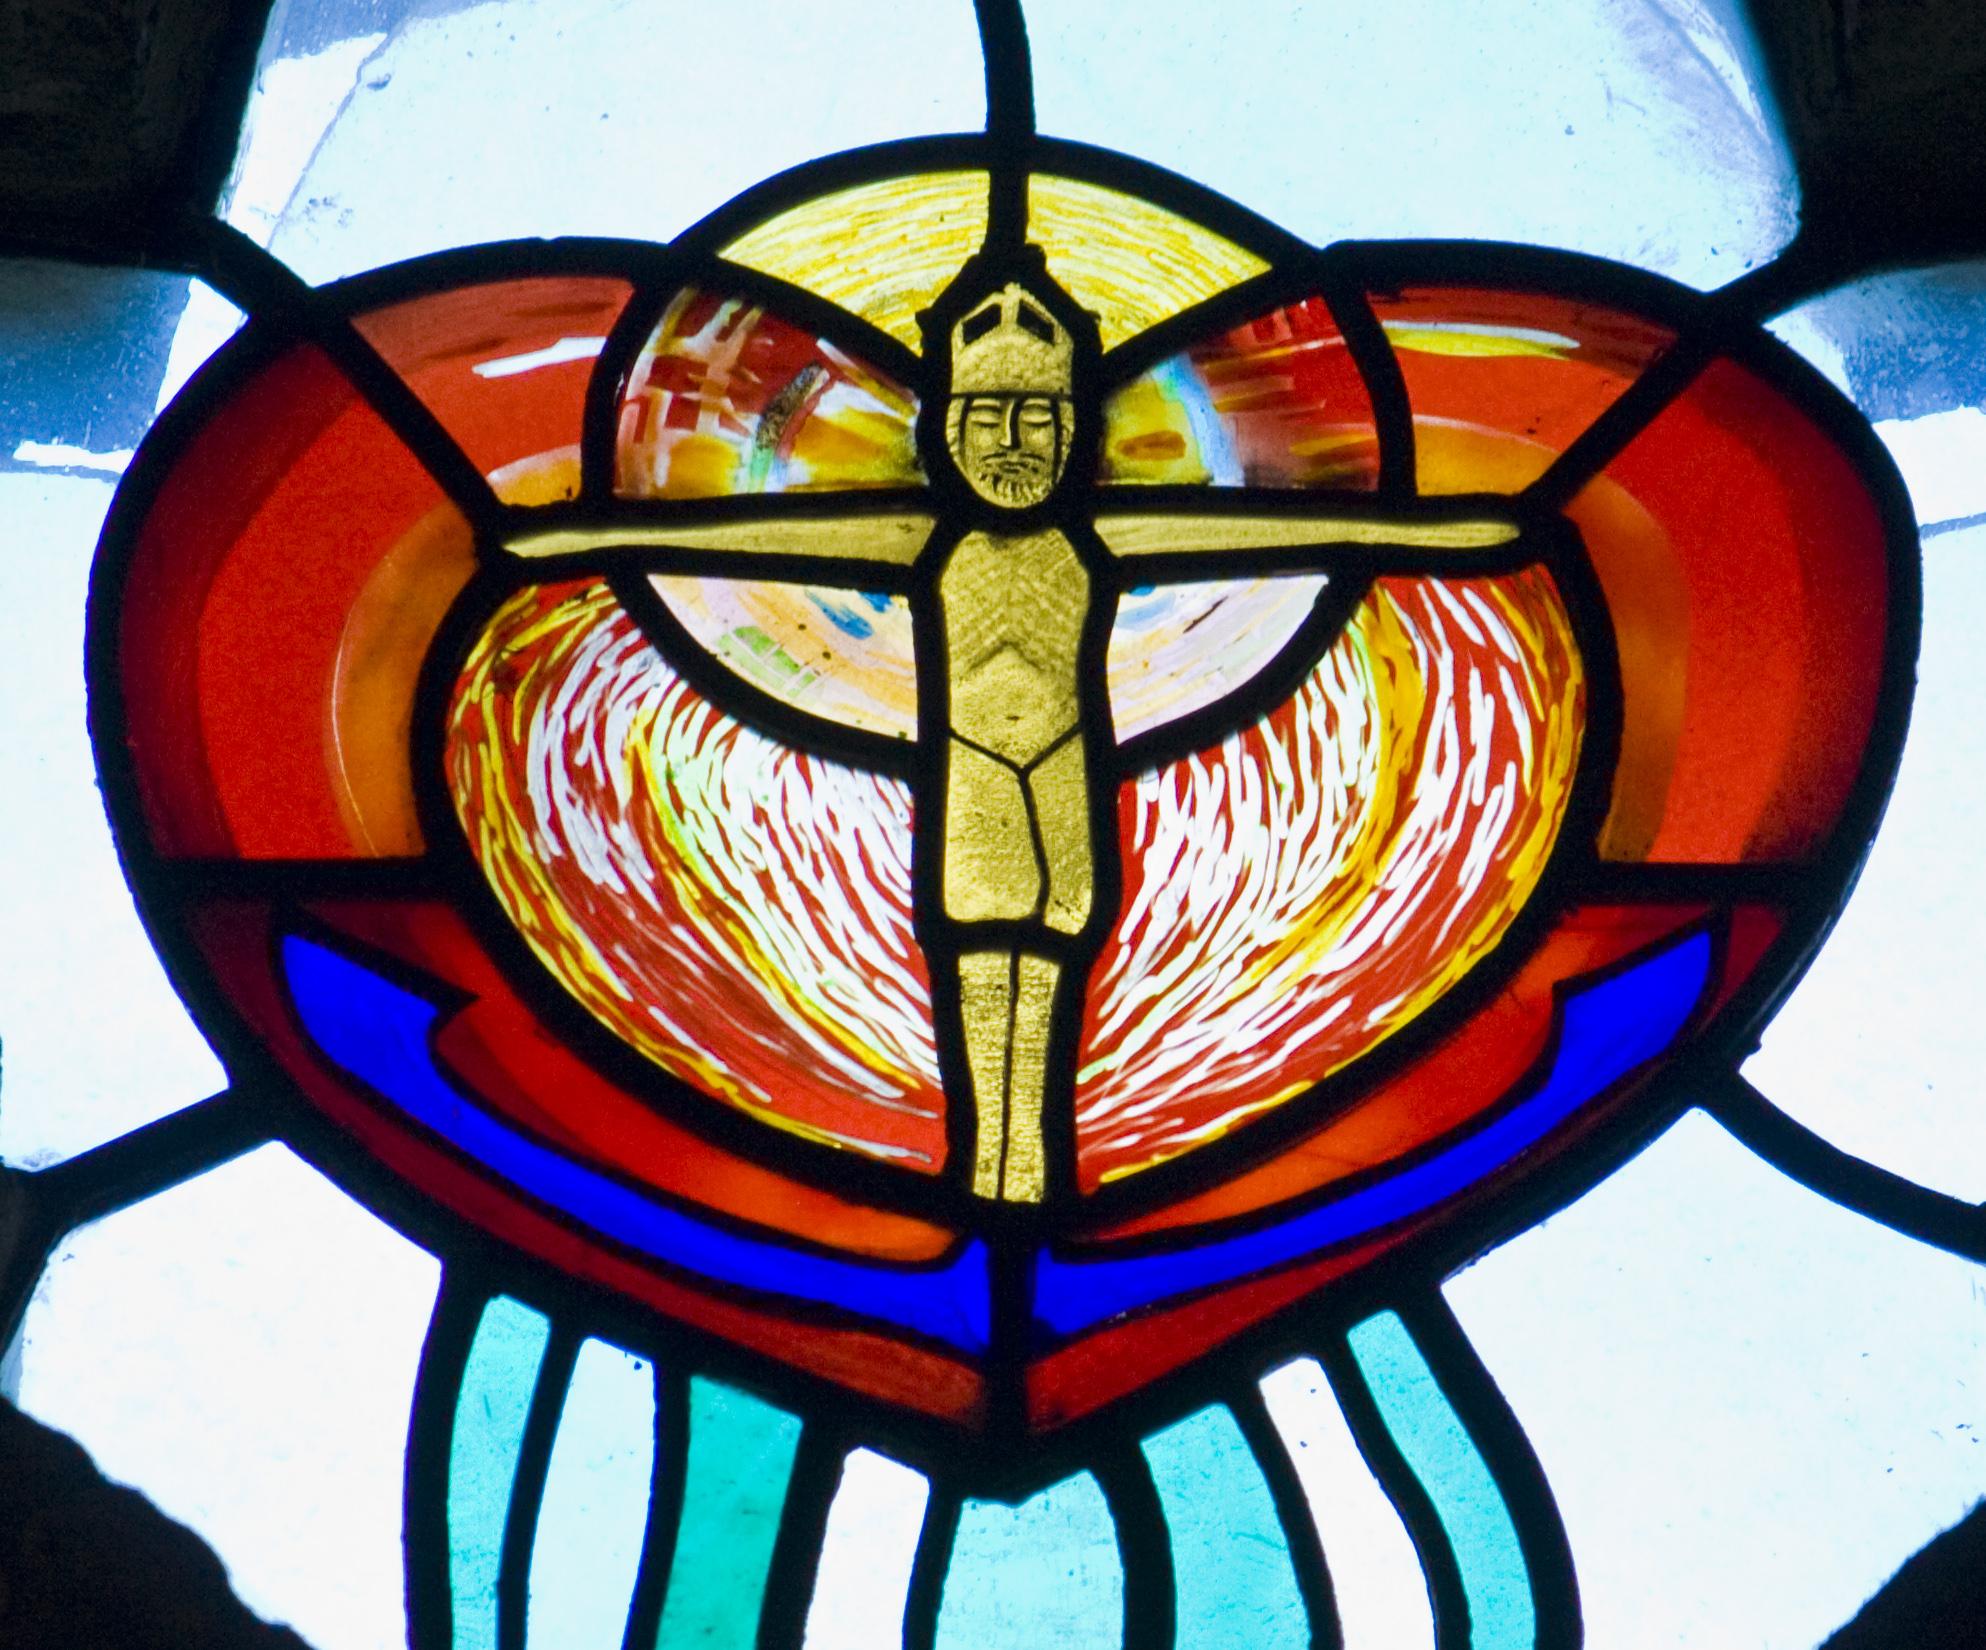 Het anker (hier in de Sint-Niklaaskerk in Newcastle) staat voor veiligheid en vertrouwen. © Fr Lawrence Lew, Flickr CC